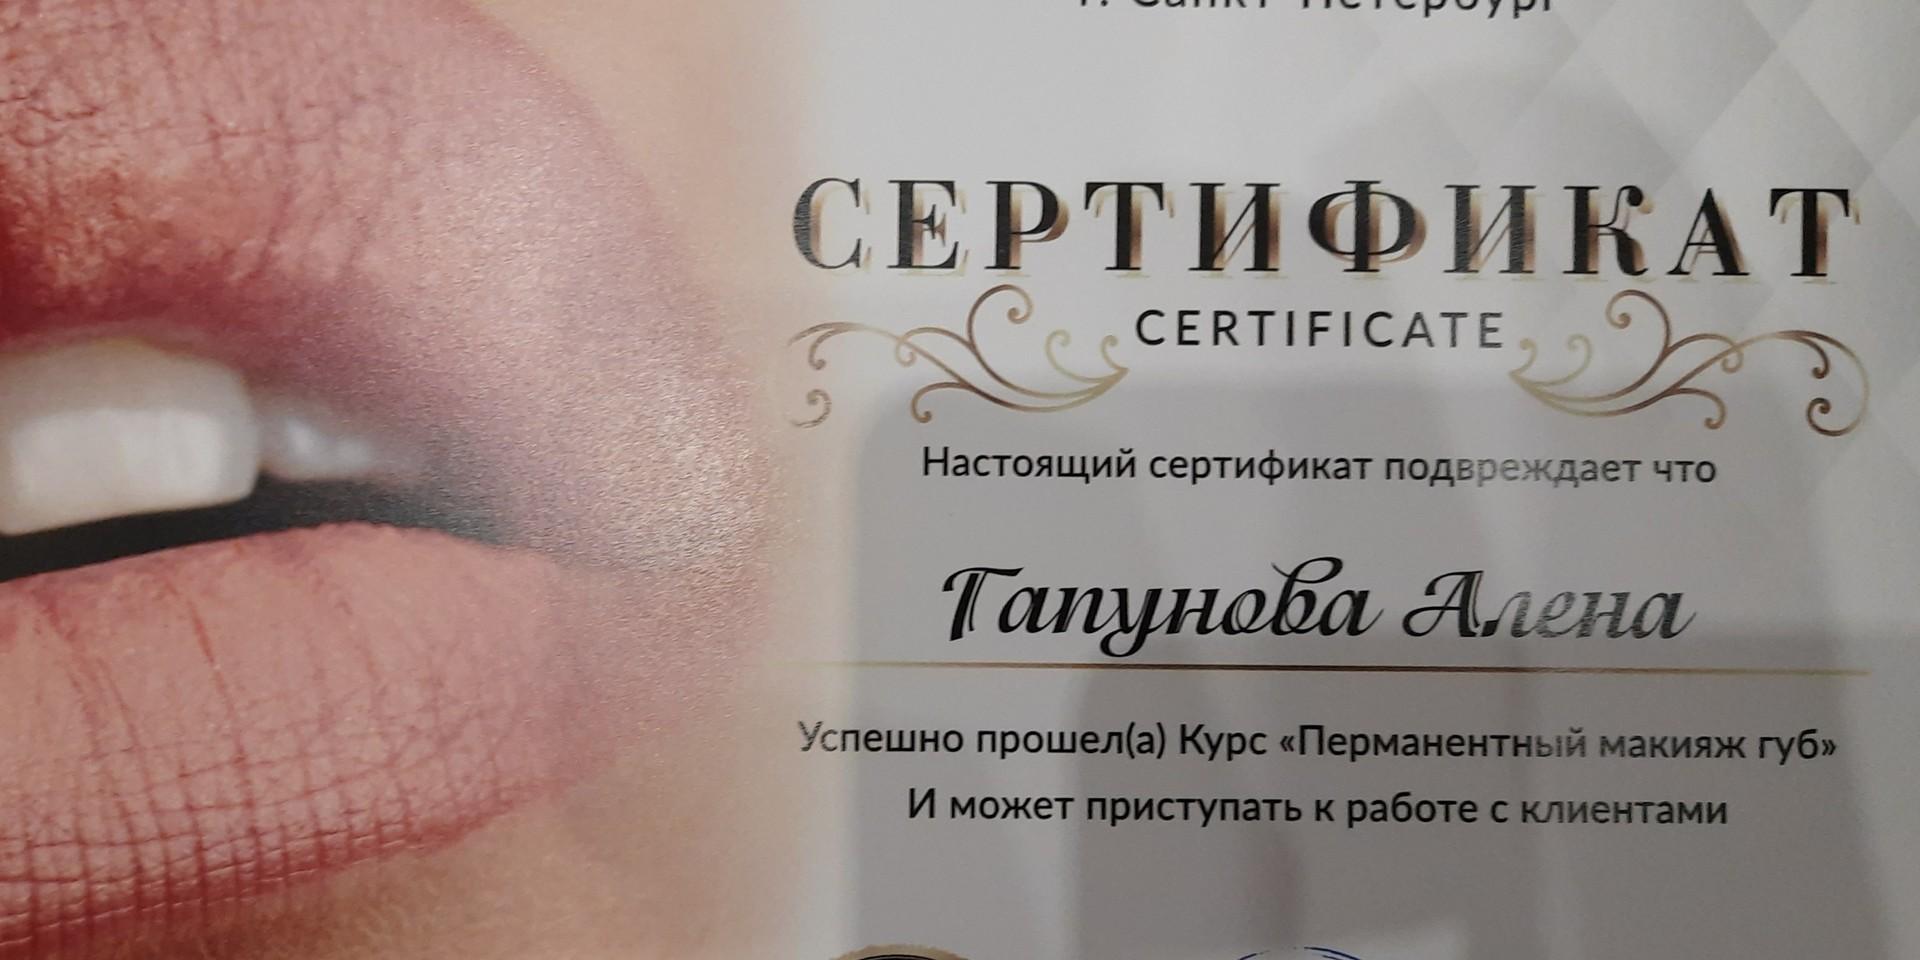 Алена Гапунова